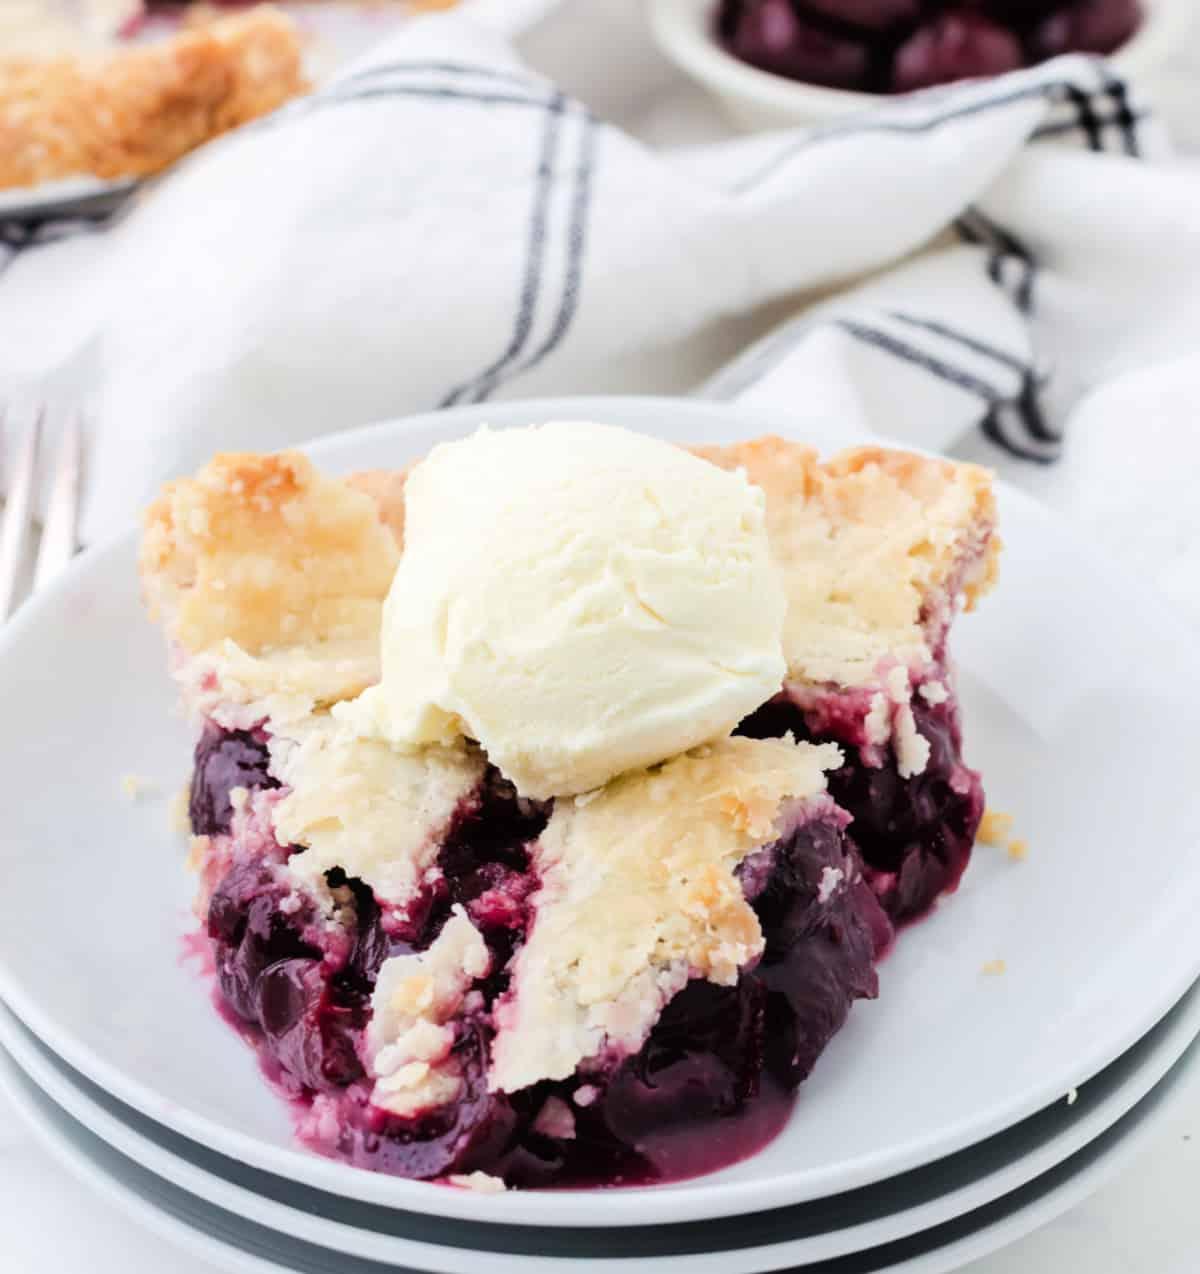 Un trozo de tarta de cerezas en un plato blanco.